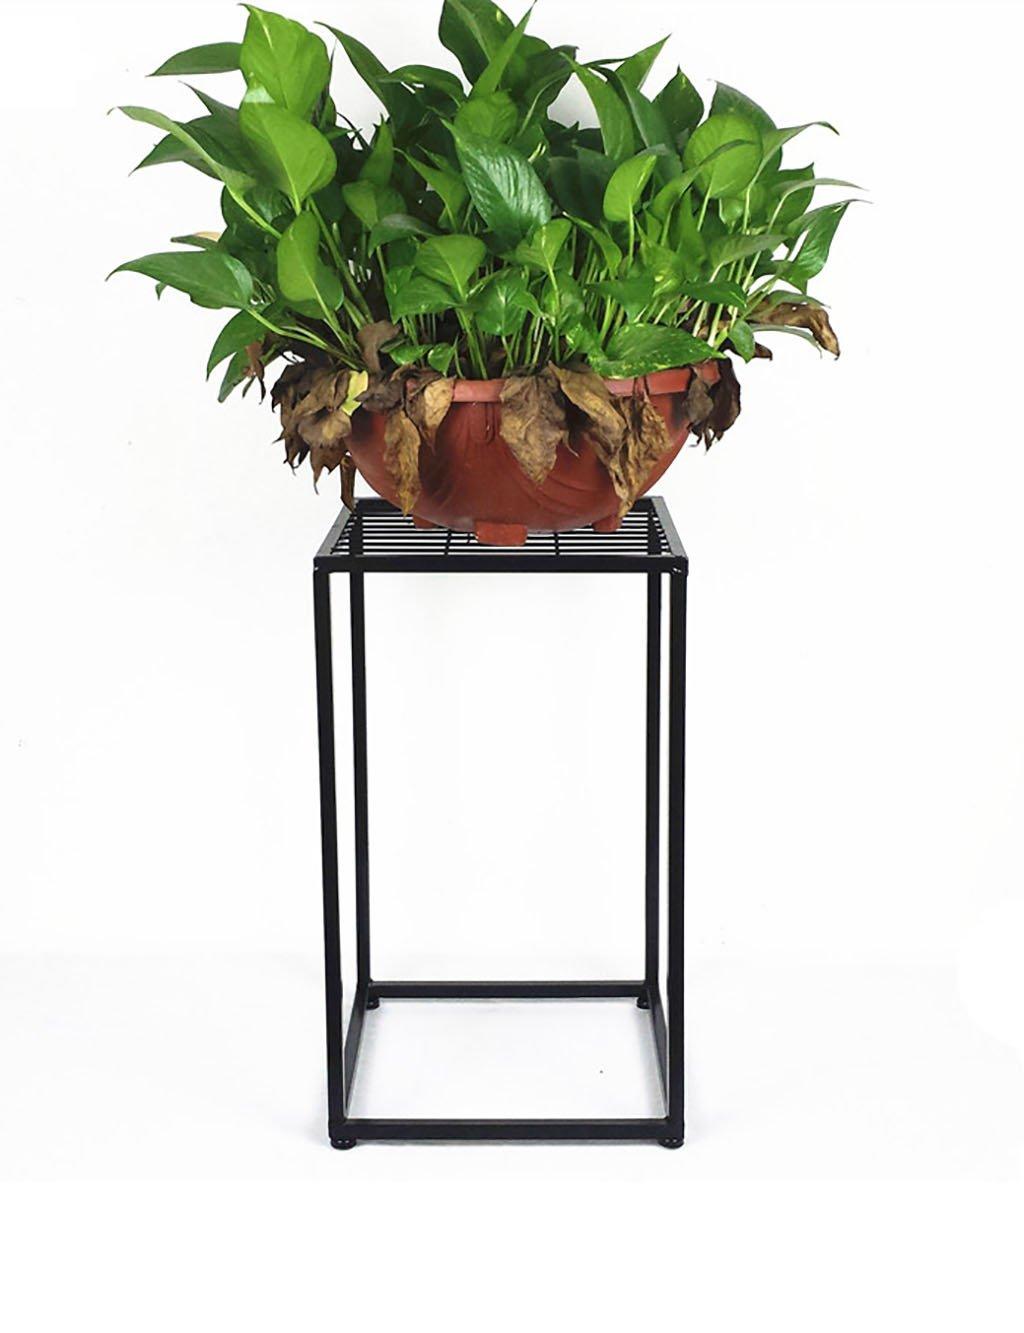 LB huajia ZHANWEI Moderne minimalistische Blume Rack Eisen Multilayer Blume Rack Balkon Boden Pflanzer Regal Einfache Moderne Wohnzimmer Indoor Flower Rack (2 Styles verfügbar) (größe : B)